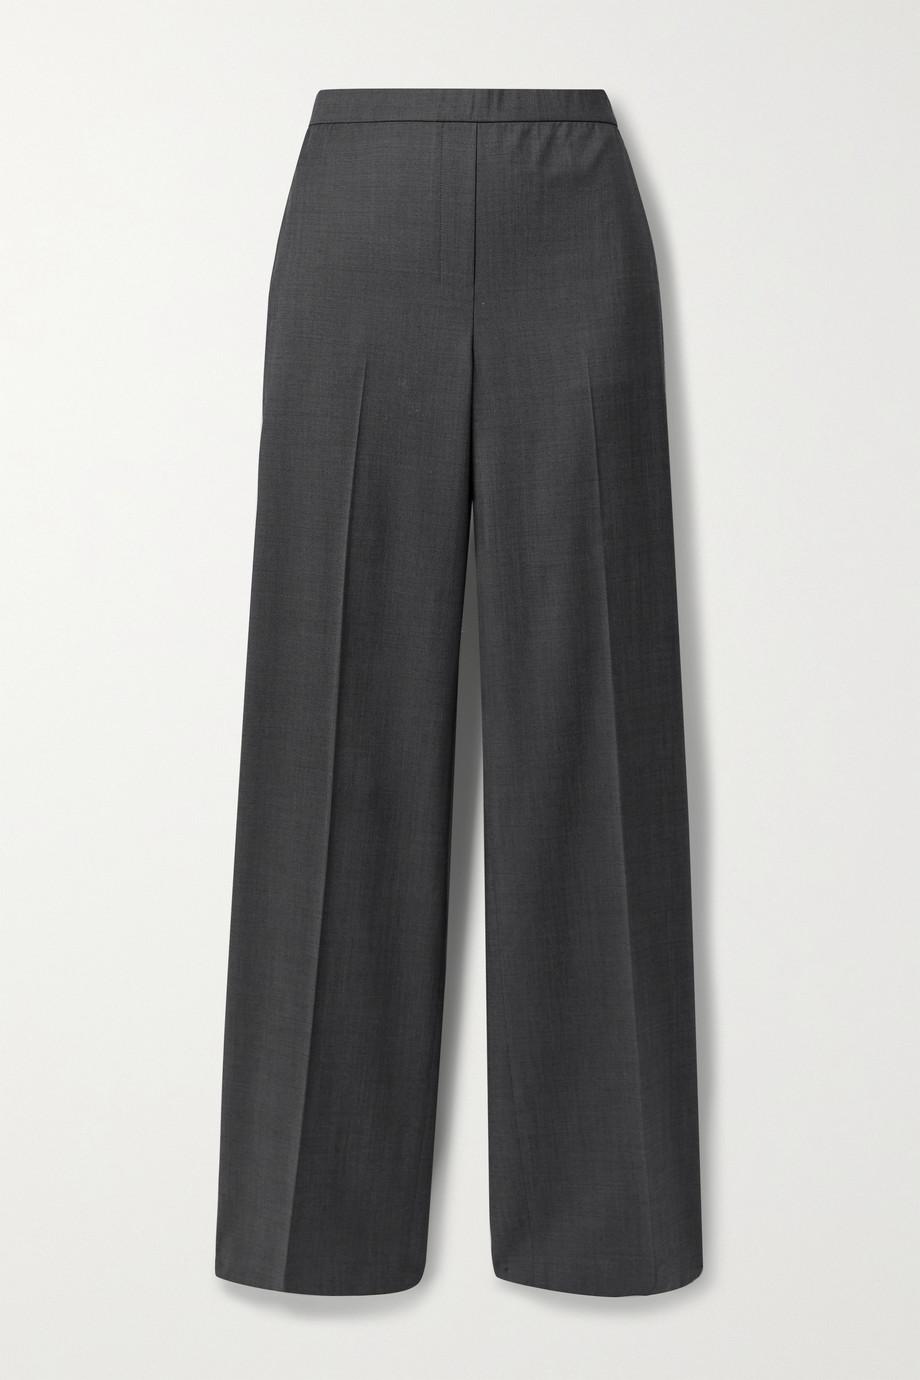 Theory Wool wide-leg pants